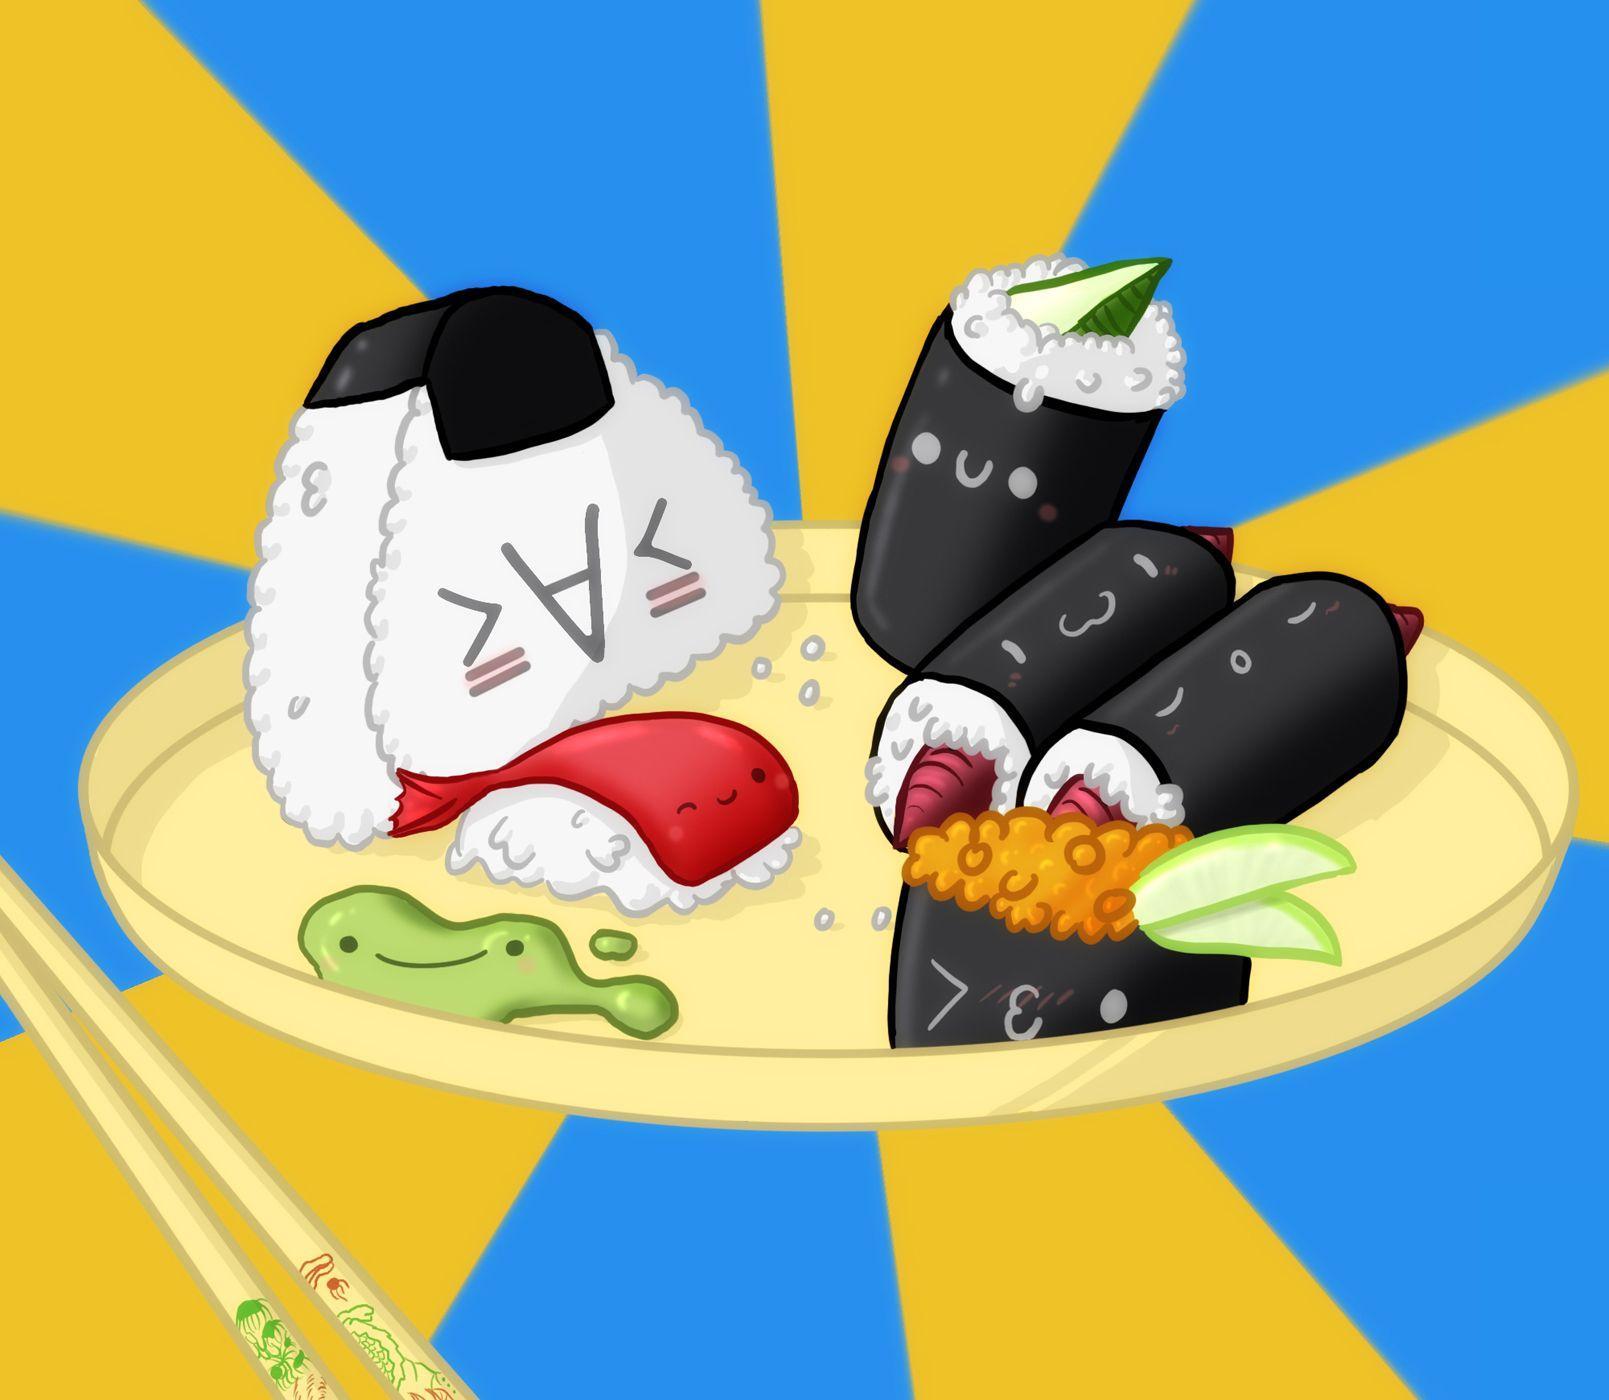 Cute Sushi Wallpapers - Top Free Cute Sushi Backgrounds ...